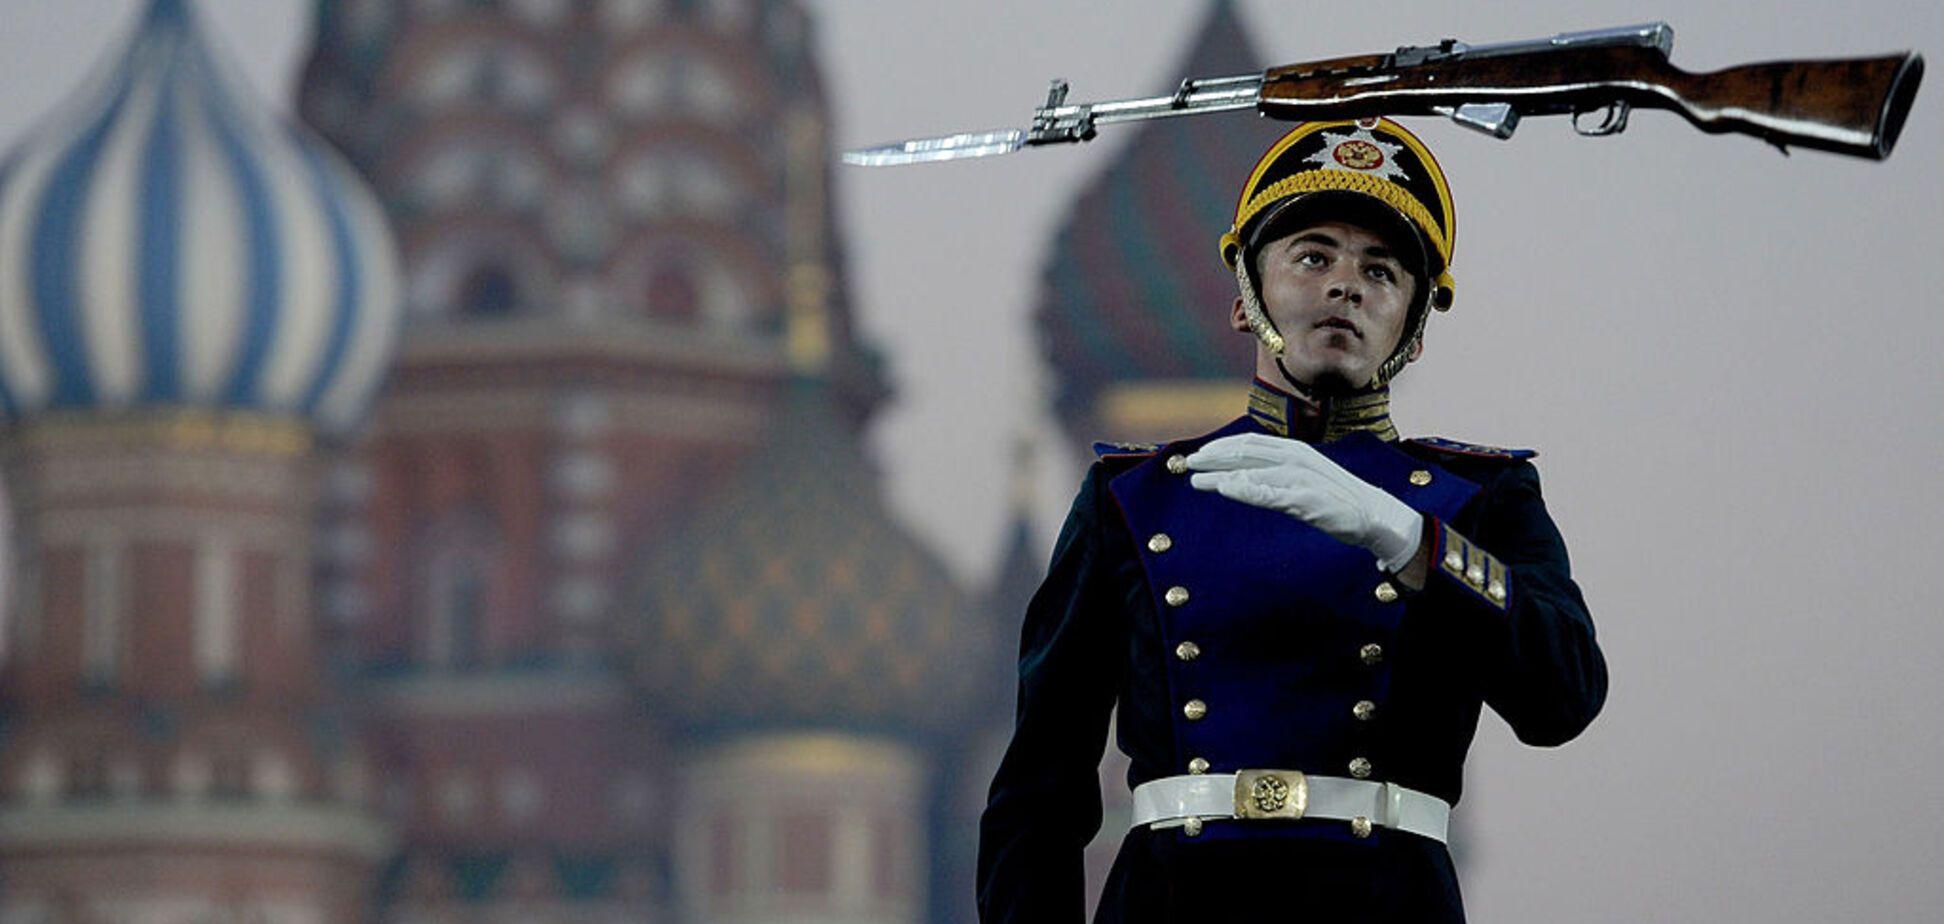 В Москве - состояние шока и растерянности